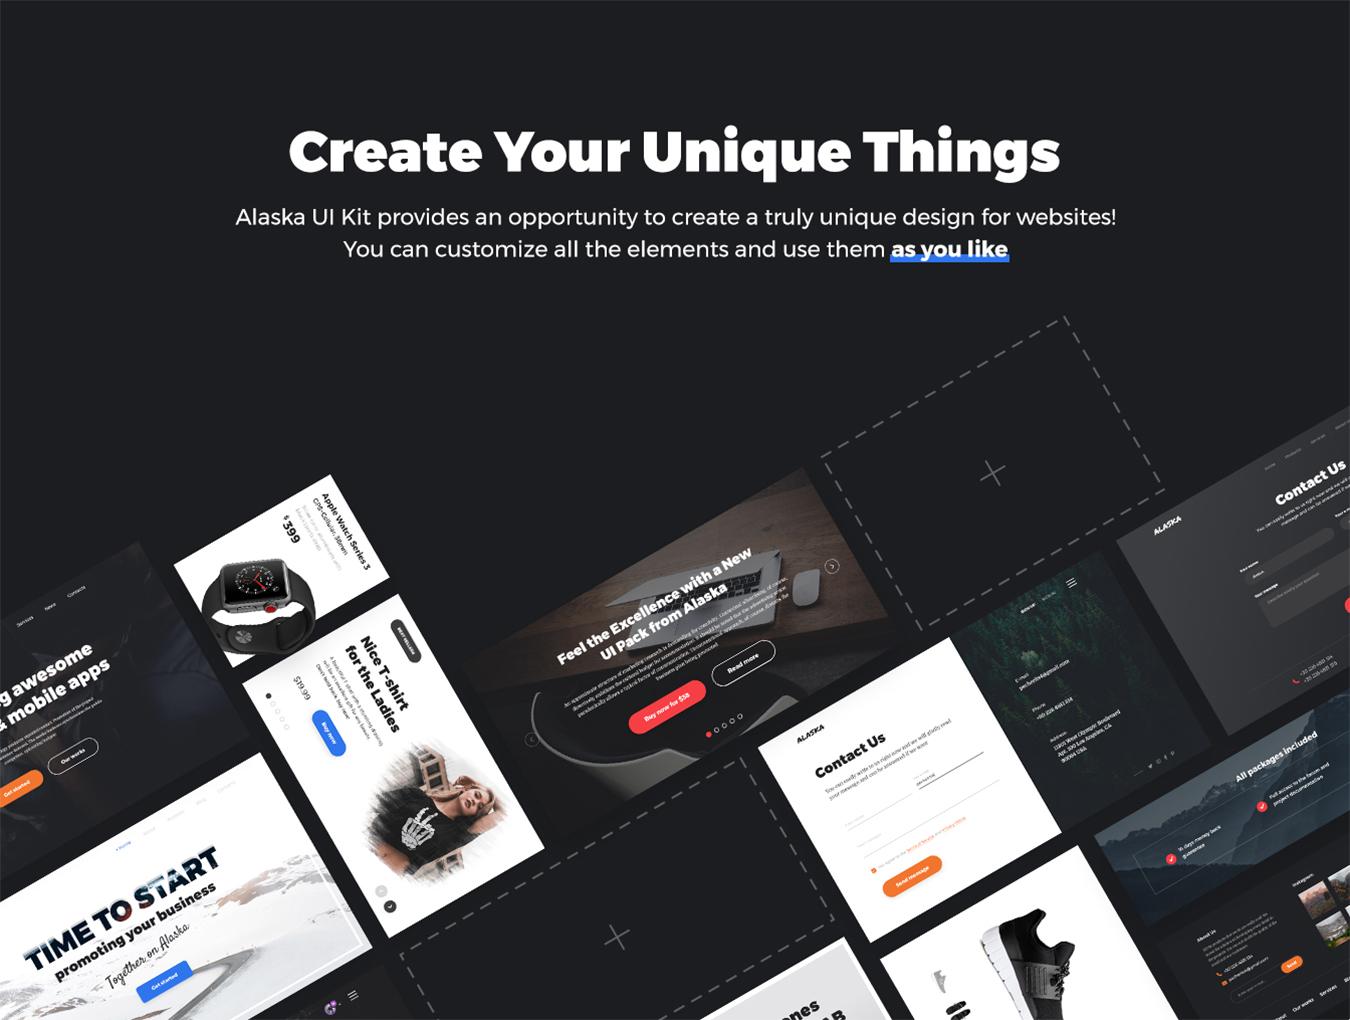 高品质WEB端电商购物网站和移动端APP UI套件 Alaska UI Kit